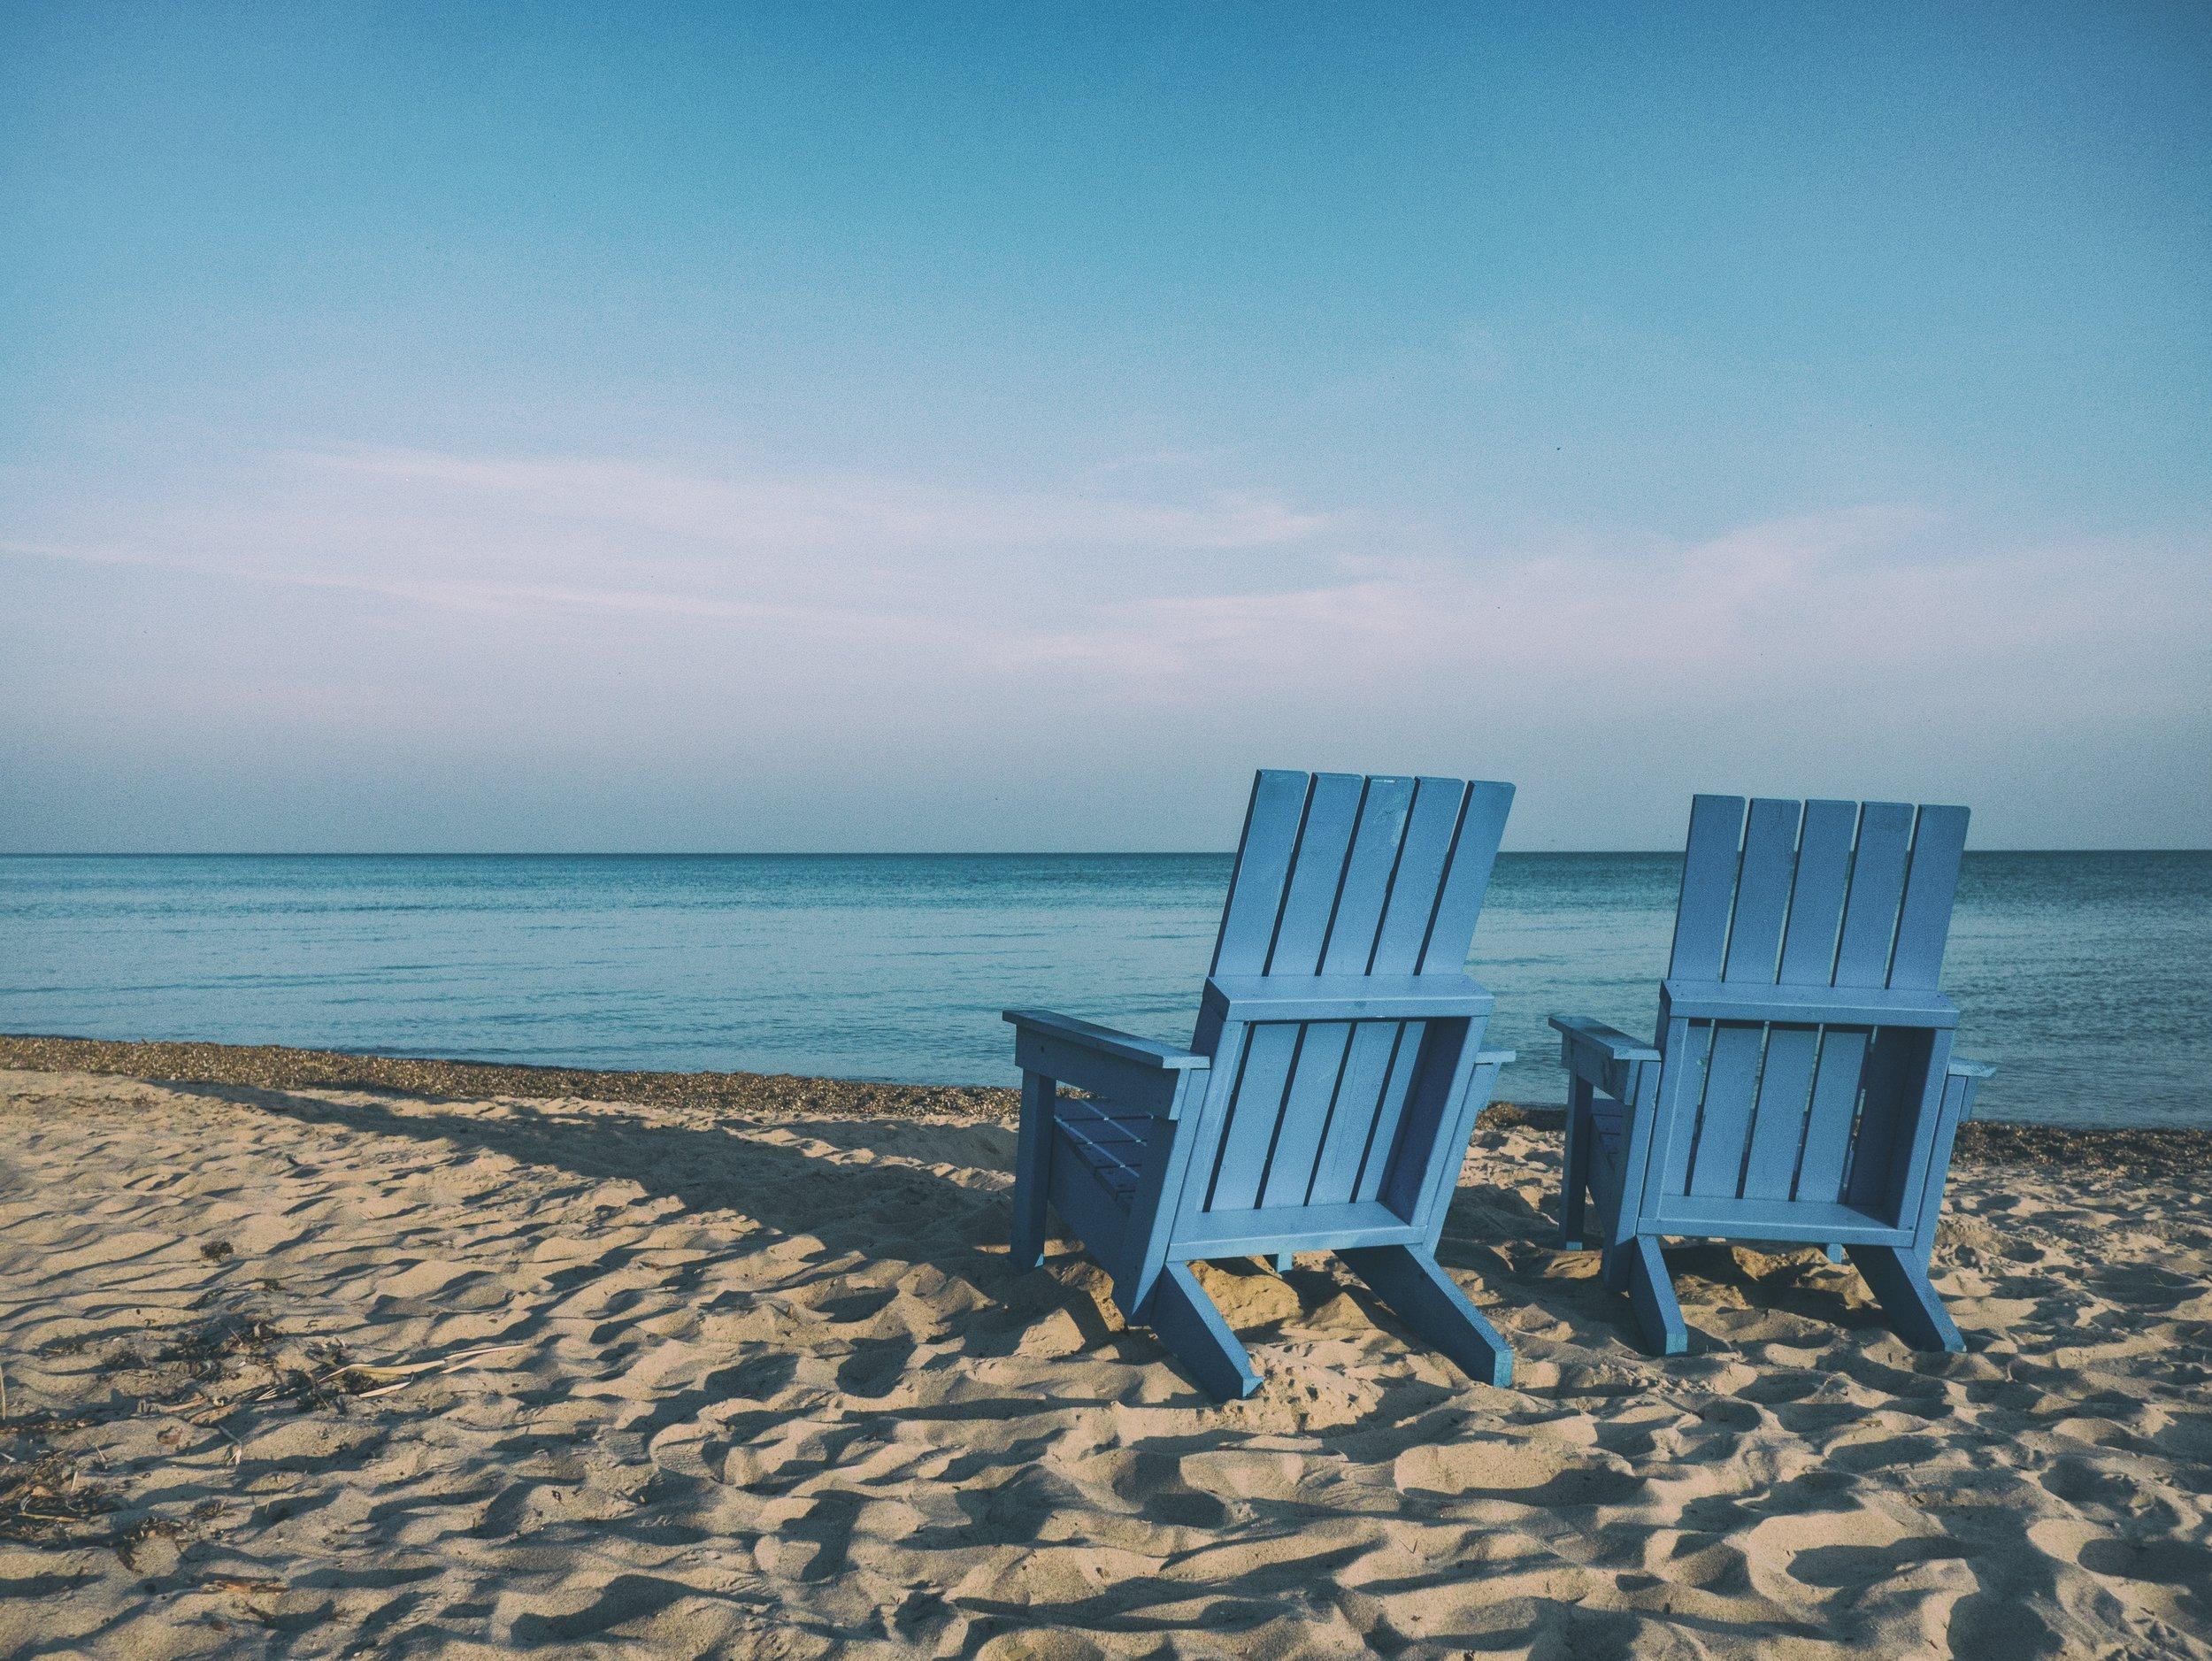 strandstoelen - aaron-burden-133359.jpg